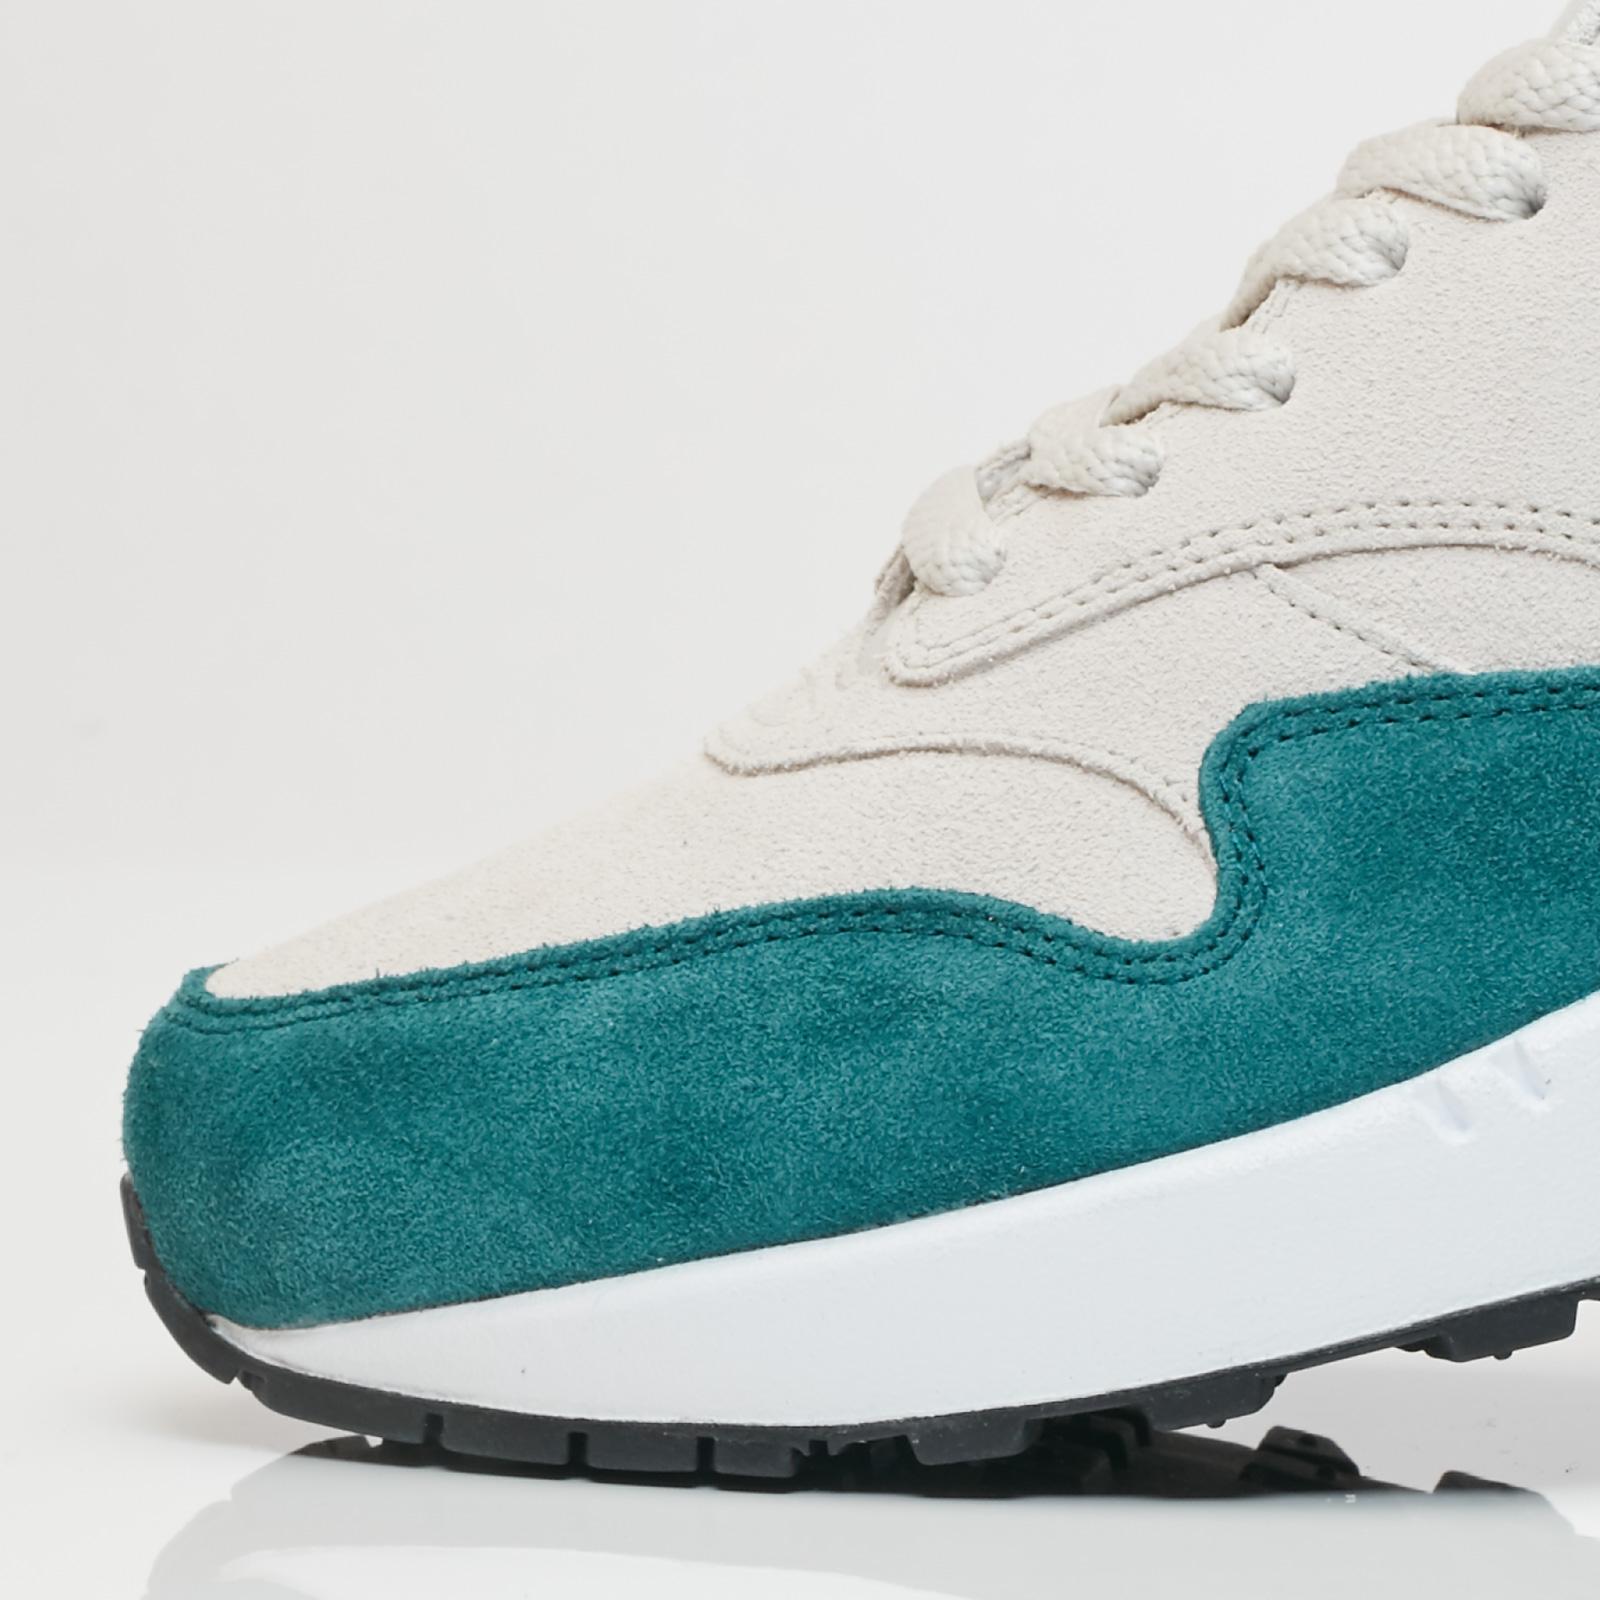 Nike Air Max 1 Premium Sc Atomic Teal Nike 918354 003